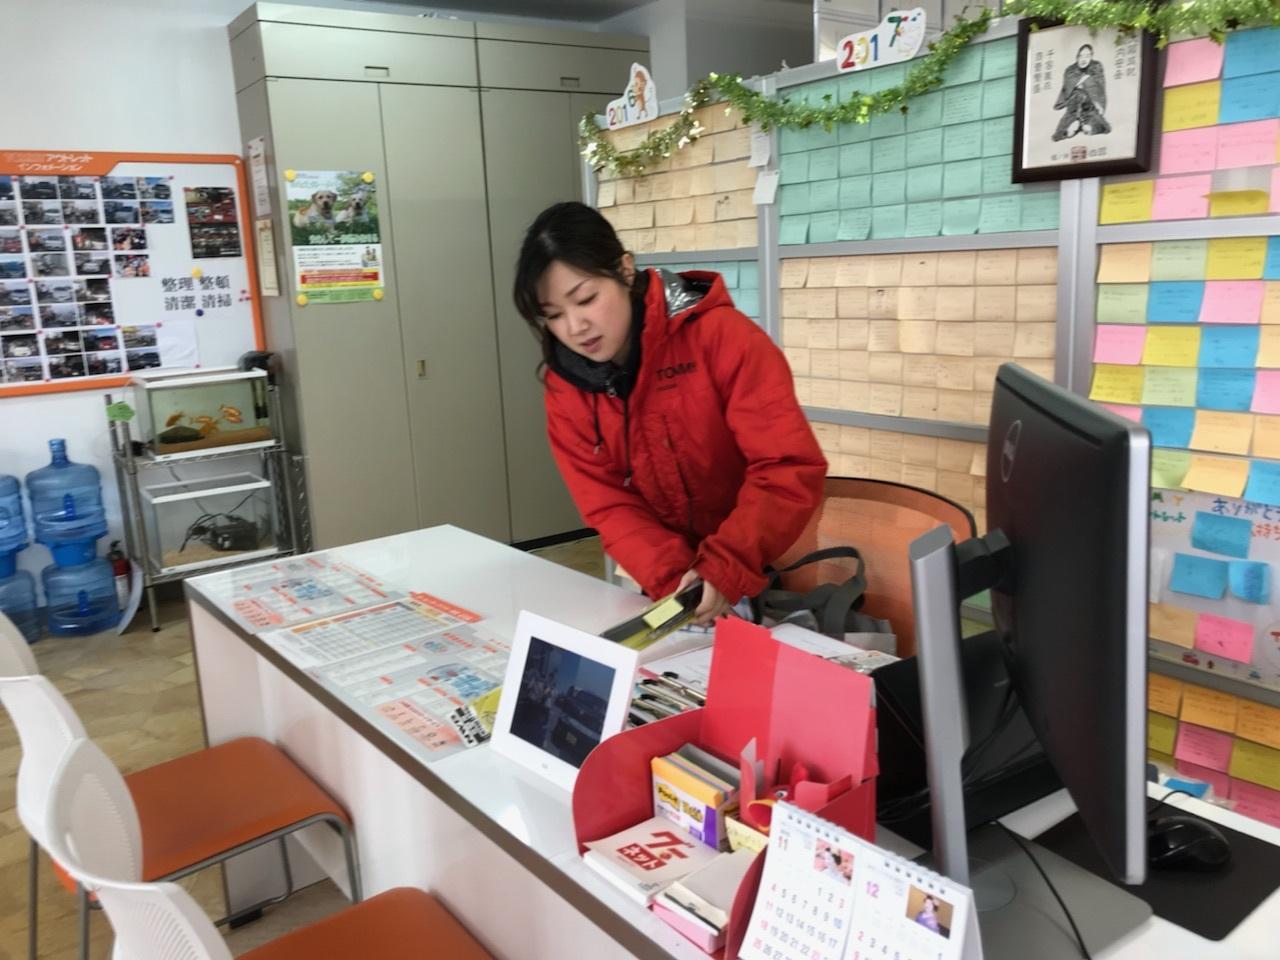 11月30日(金)☆TOMMYアウトレット☆あゆブログ(*´﹃`*) ウィッシュT様納車♪_b0127002_16421735.jpg